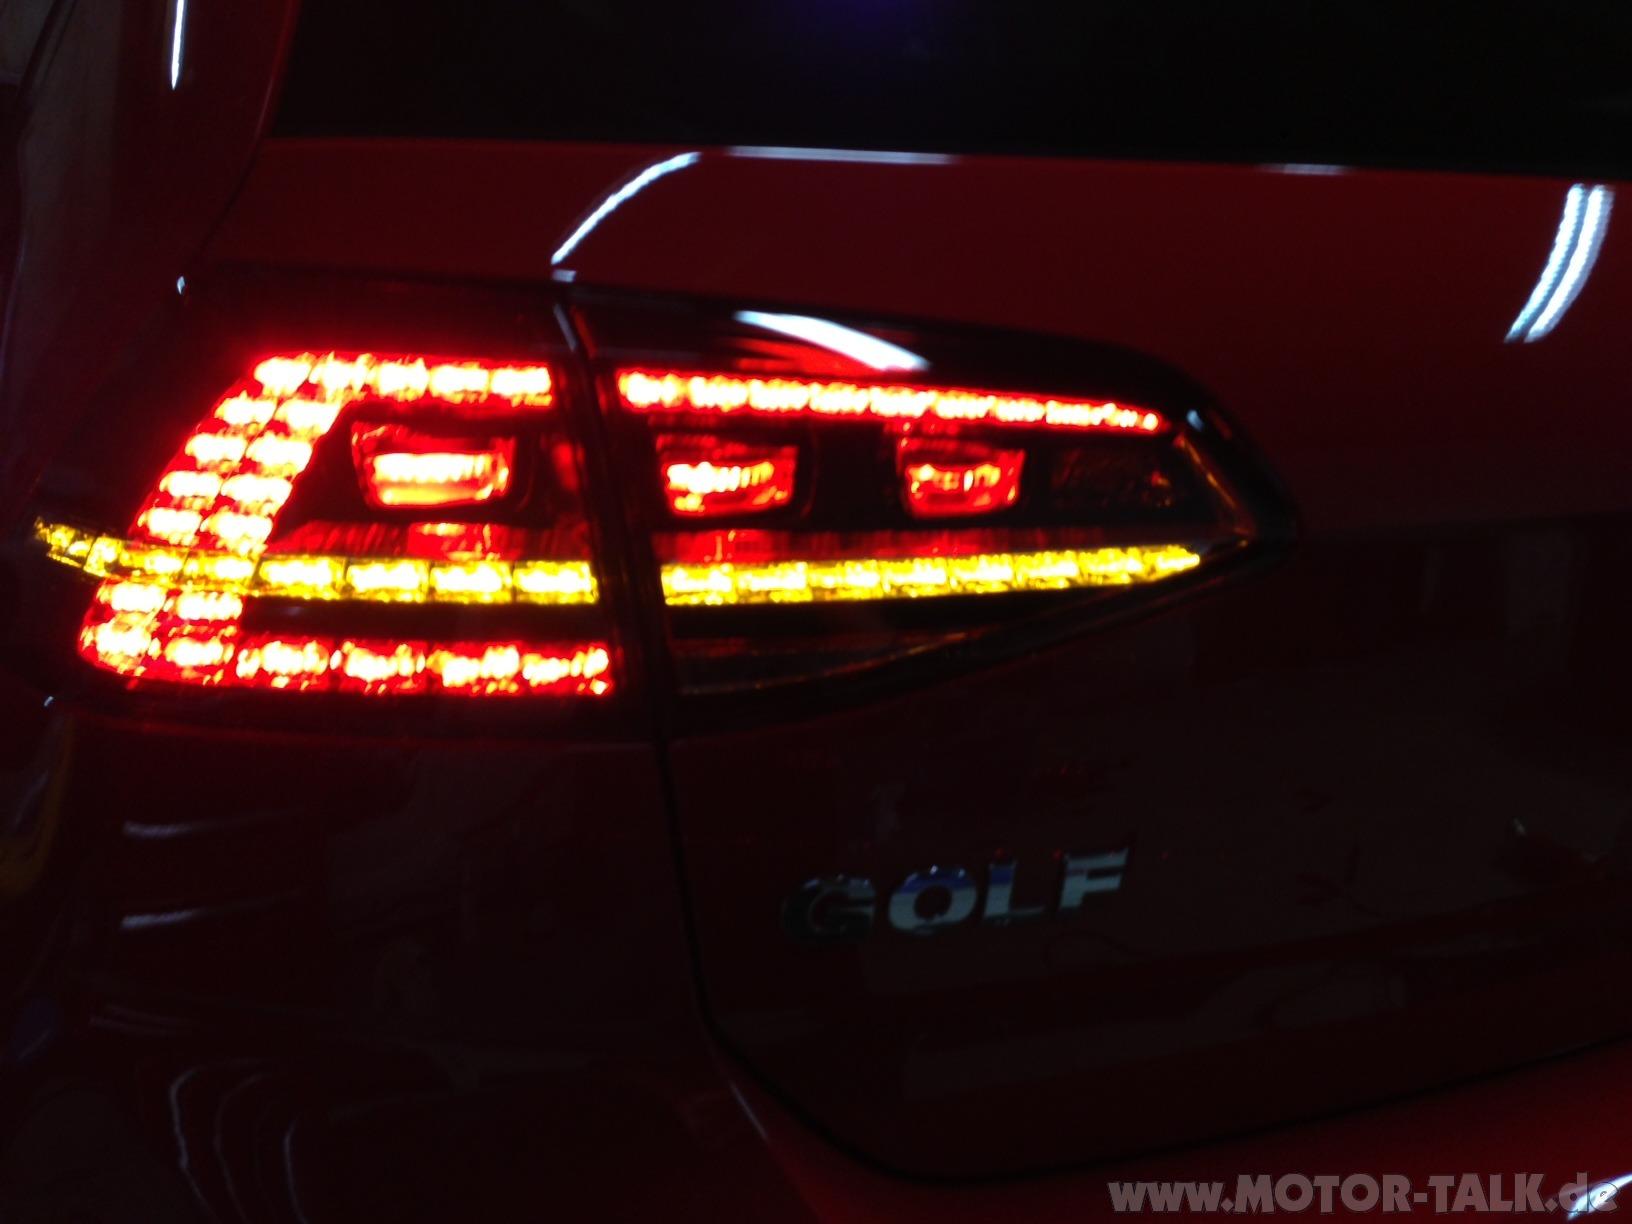 Golf vii (7) led rücklichter und diffusor   auspuff wechseln (kfz ...